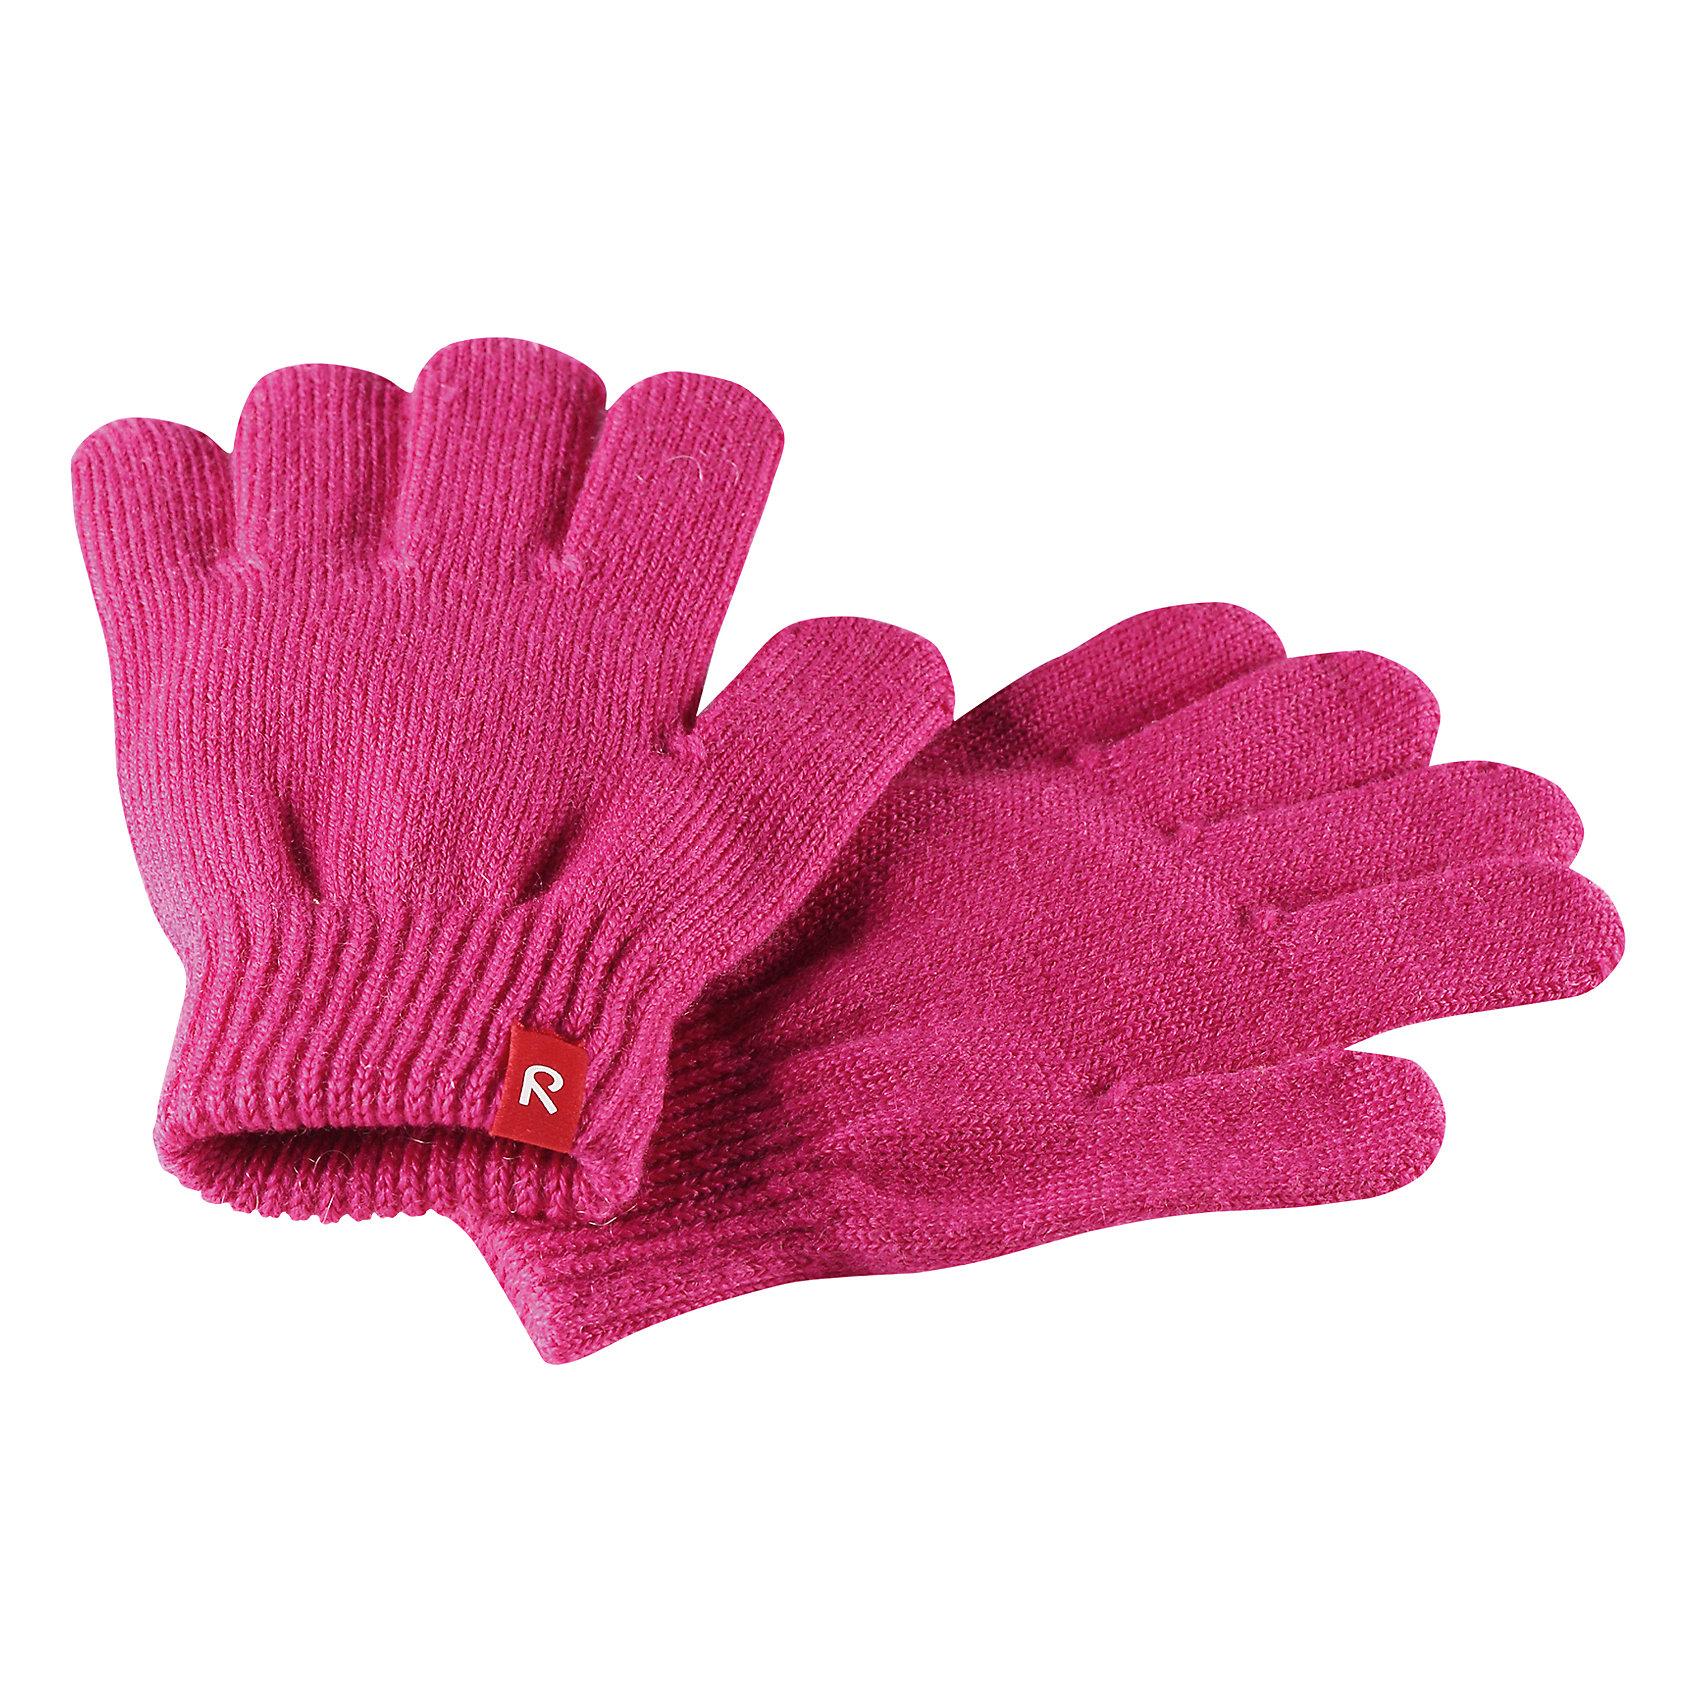 Перчатки Reima TwigПерчатки, варежки<br>Характеристики товара:<br><br>• цвет: розовый;<br>• состав: 75% шерсть, 22% полиакрил, 2% полиамид, 1% эластан;<br>• сезон: демисезон, зима;<br>• шерсть идеально поддерживает температуру;<br>• мягкая и теплая ткань из смеси шерсти;<br>• легкий стиль, без подкладки;<br>• страна бренда: Финляндия;<br>• страна изготовитель: Китай.<br><br>Перчатки выполнены из эластичной полушерсти, дарящей комфорт в прохладные дни ранней осенью. Они идеально подойдут для поддевания под водонепроницаемые варежки и перчатки. Изготовлены из трикотажа высокого качества и легко стираются в стиральной машине. <br><br>Перчатки Twig Reima от финского бренда Reima (Рейма) можно купить в нашем интернет-магазине.<br><br>Ширина мм: 162<br>Глубина мм: 171<br>Высота мм: 55<br>Вес г: 119<br>Цвет: розовый<br>Возраст от месяцев: 24<br>Возраст до месяцев: 48<br>Пол: Унисекс<br>Возраст: Детский<br>Размер: 3/4,7/8,5/6<br>SKU: 6902103